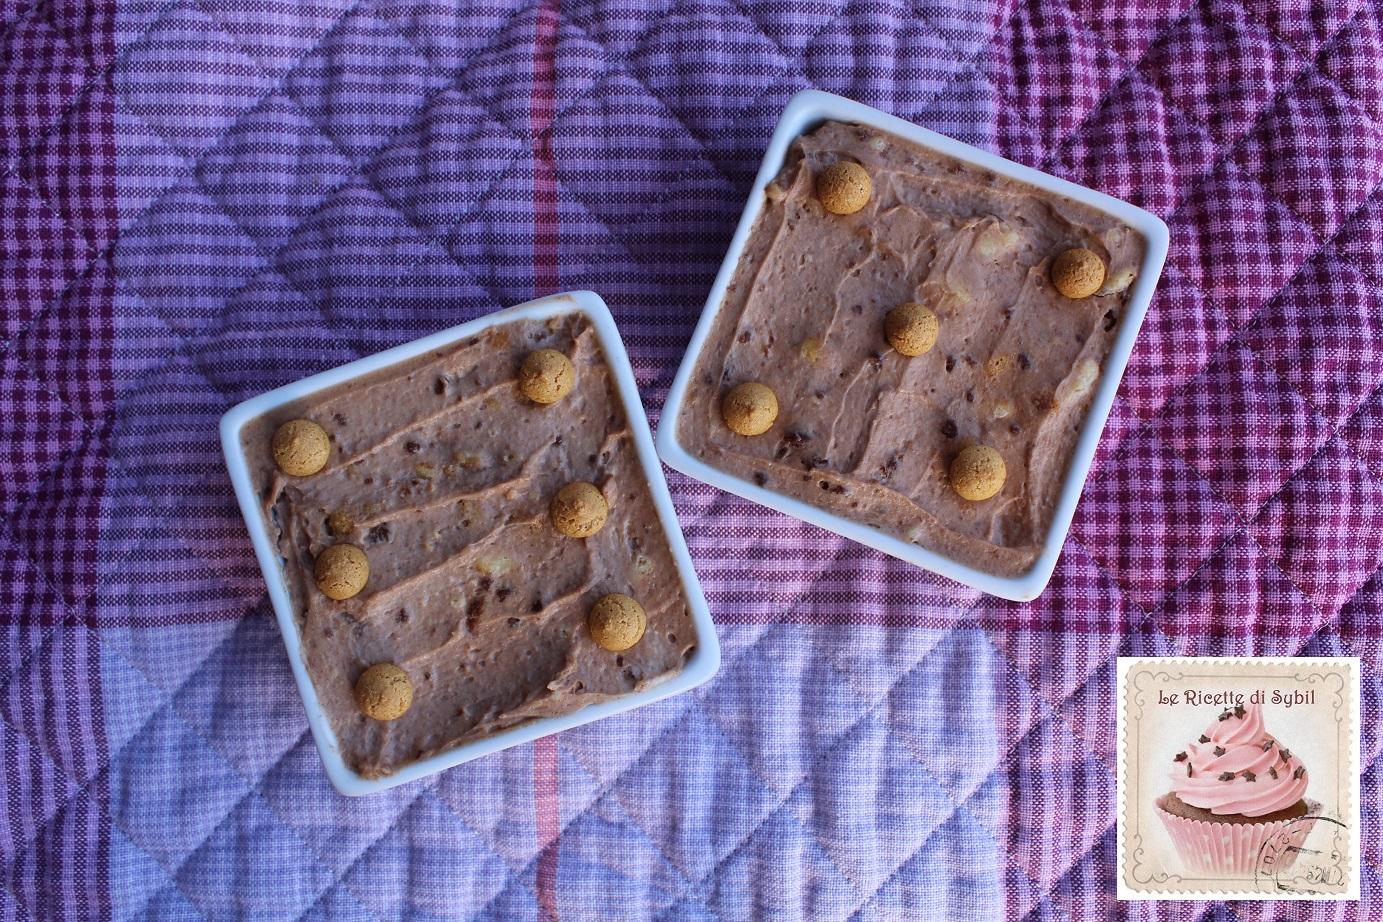 Coppette di Cheesecake con Amaretti e Nutella